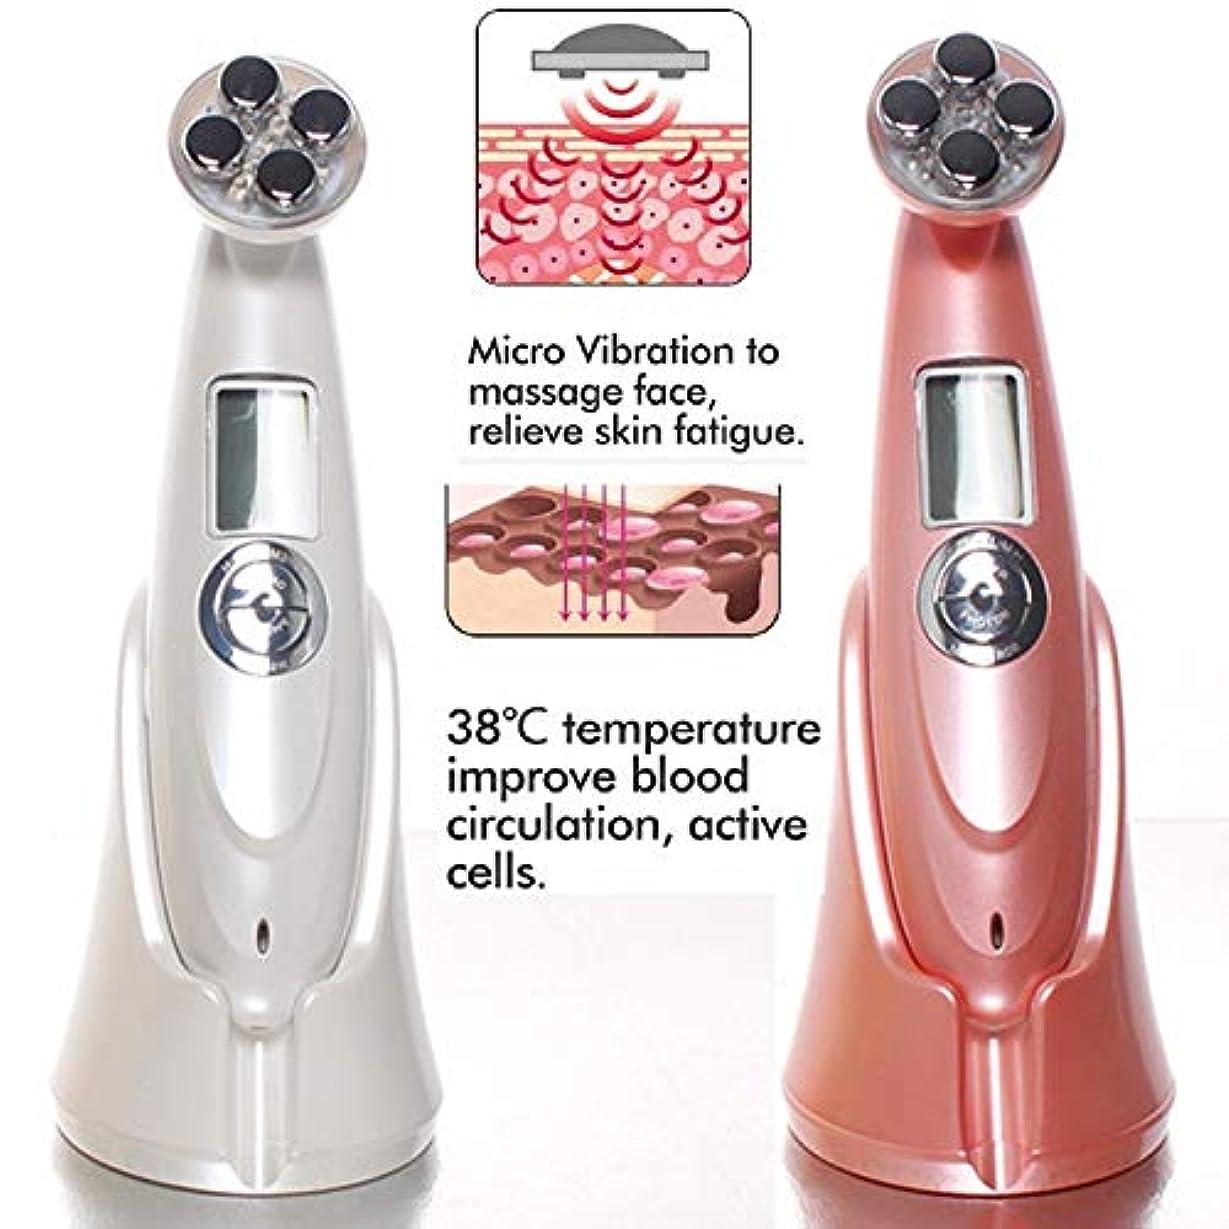 旧正月夕食を食べるダイヤモンドLIZIB 超音波EMS美容器具LEDアップグレード版フェイシャルマッサージ器具家庭用皮膚引き締め電子美容器具 (Color : Pink, Size : 180*5*6CM)